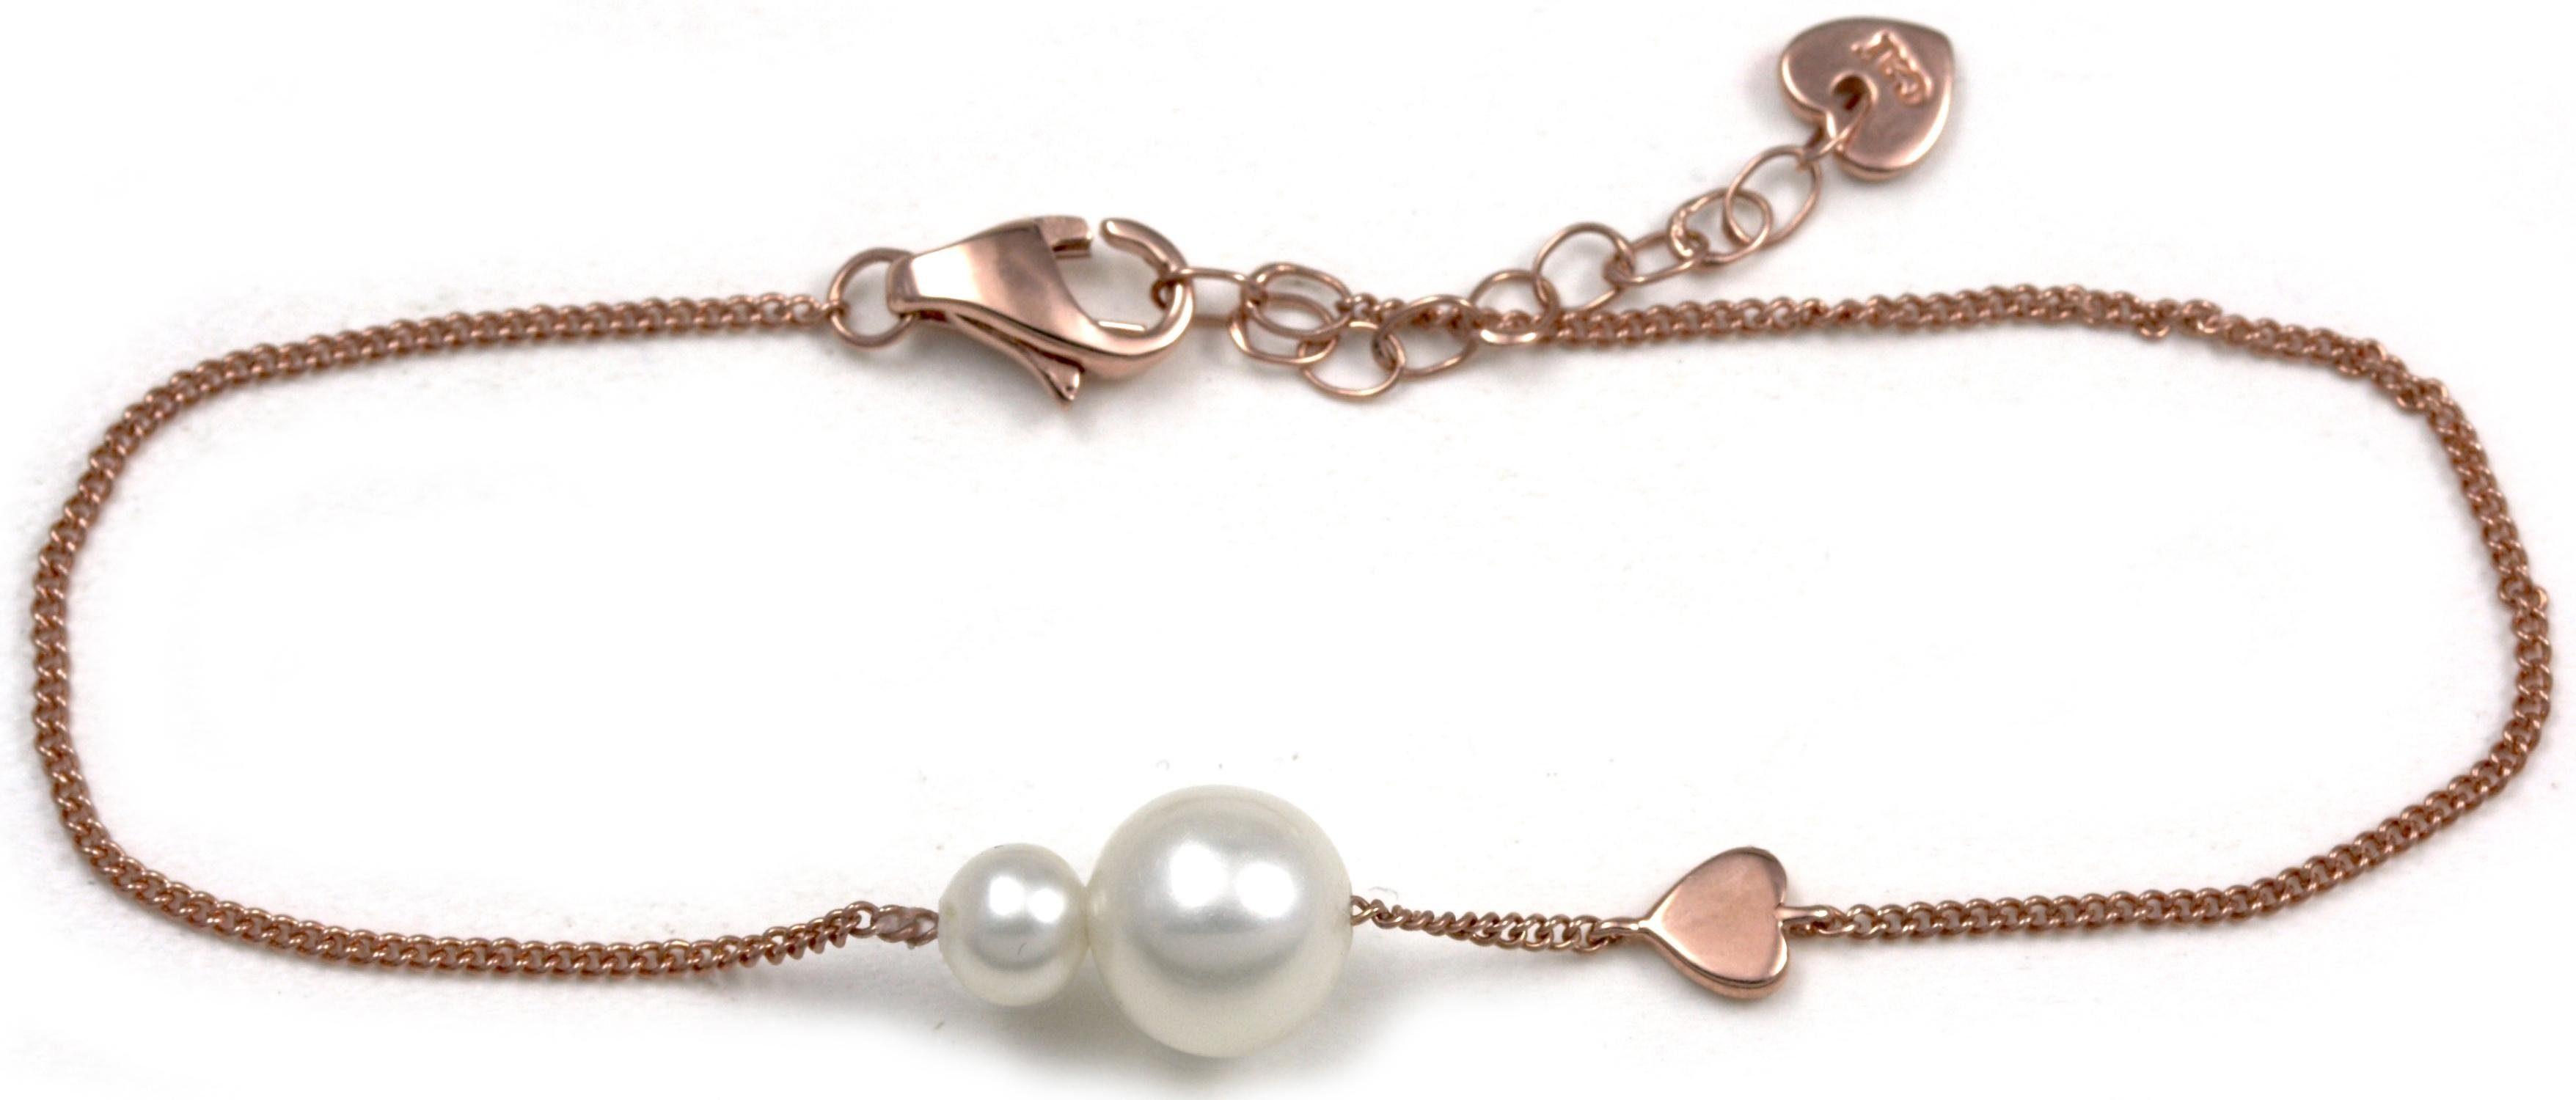 CAÏ Armband »Pearl Love, C7164B/90/46/16+3« mit Süßwasserzuchtperle